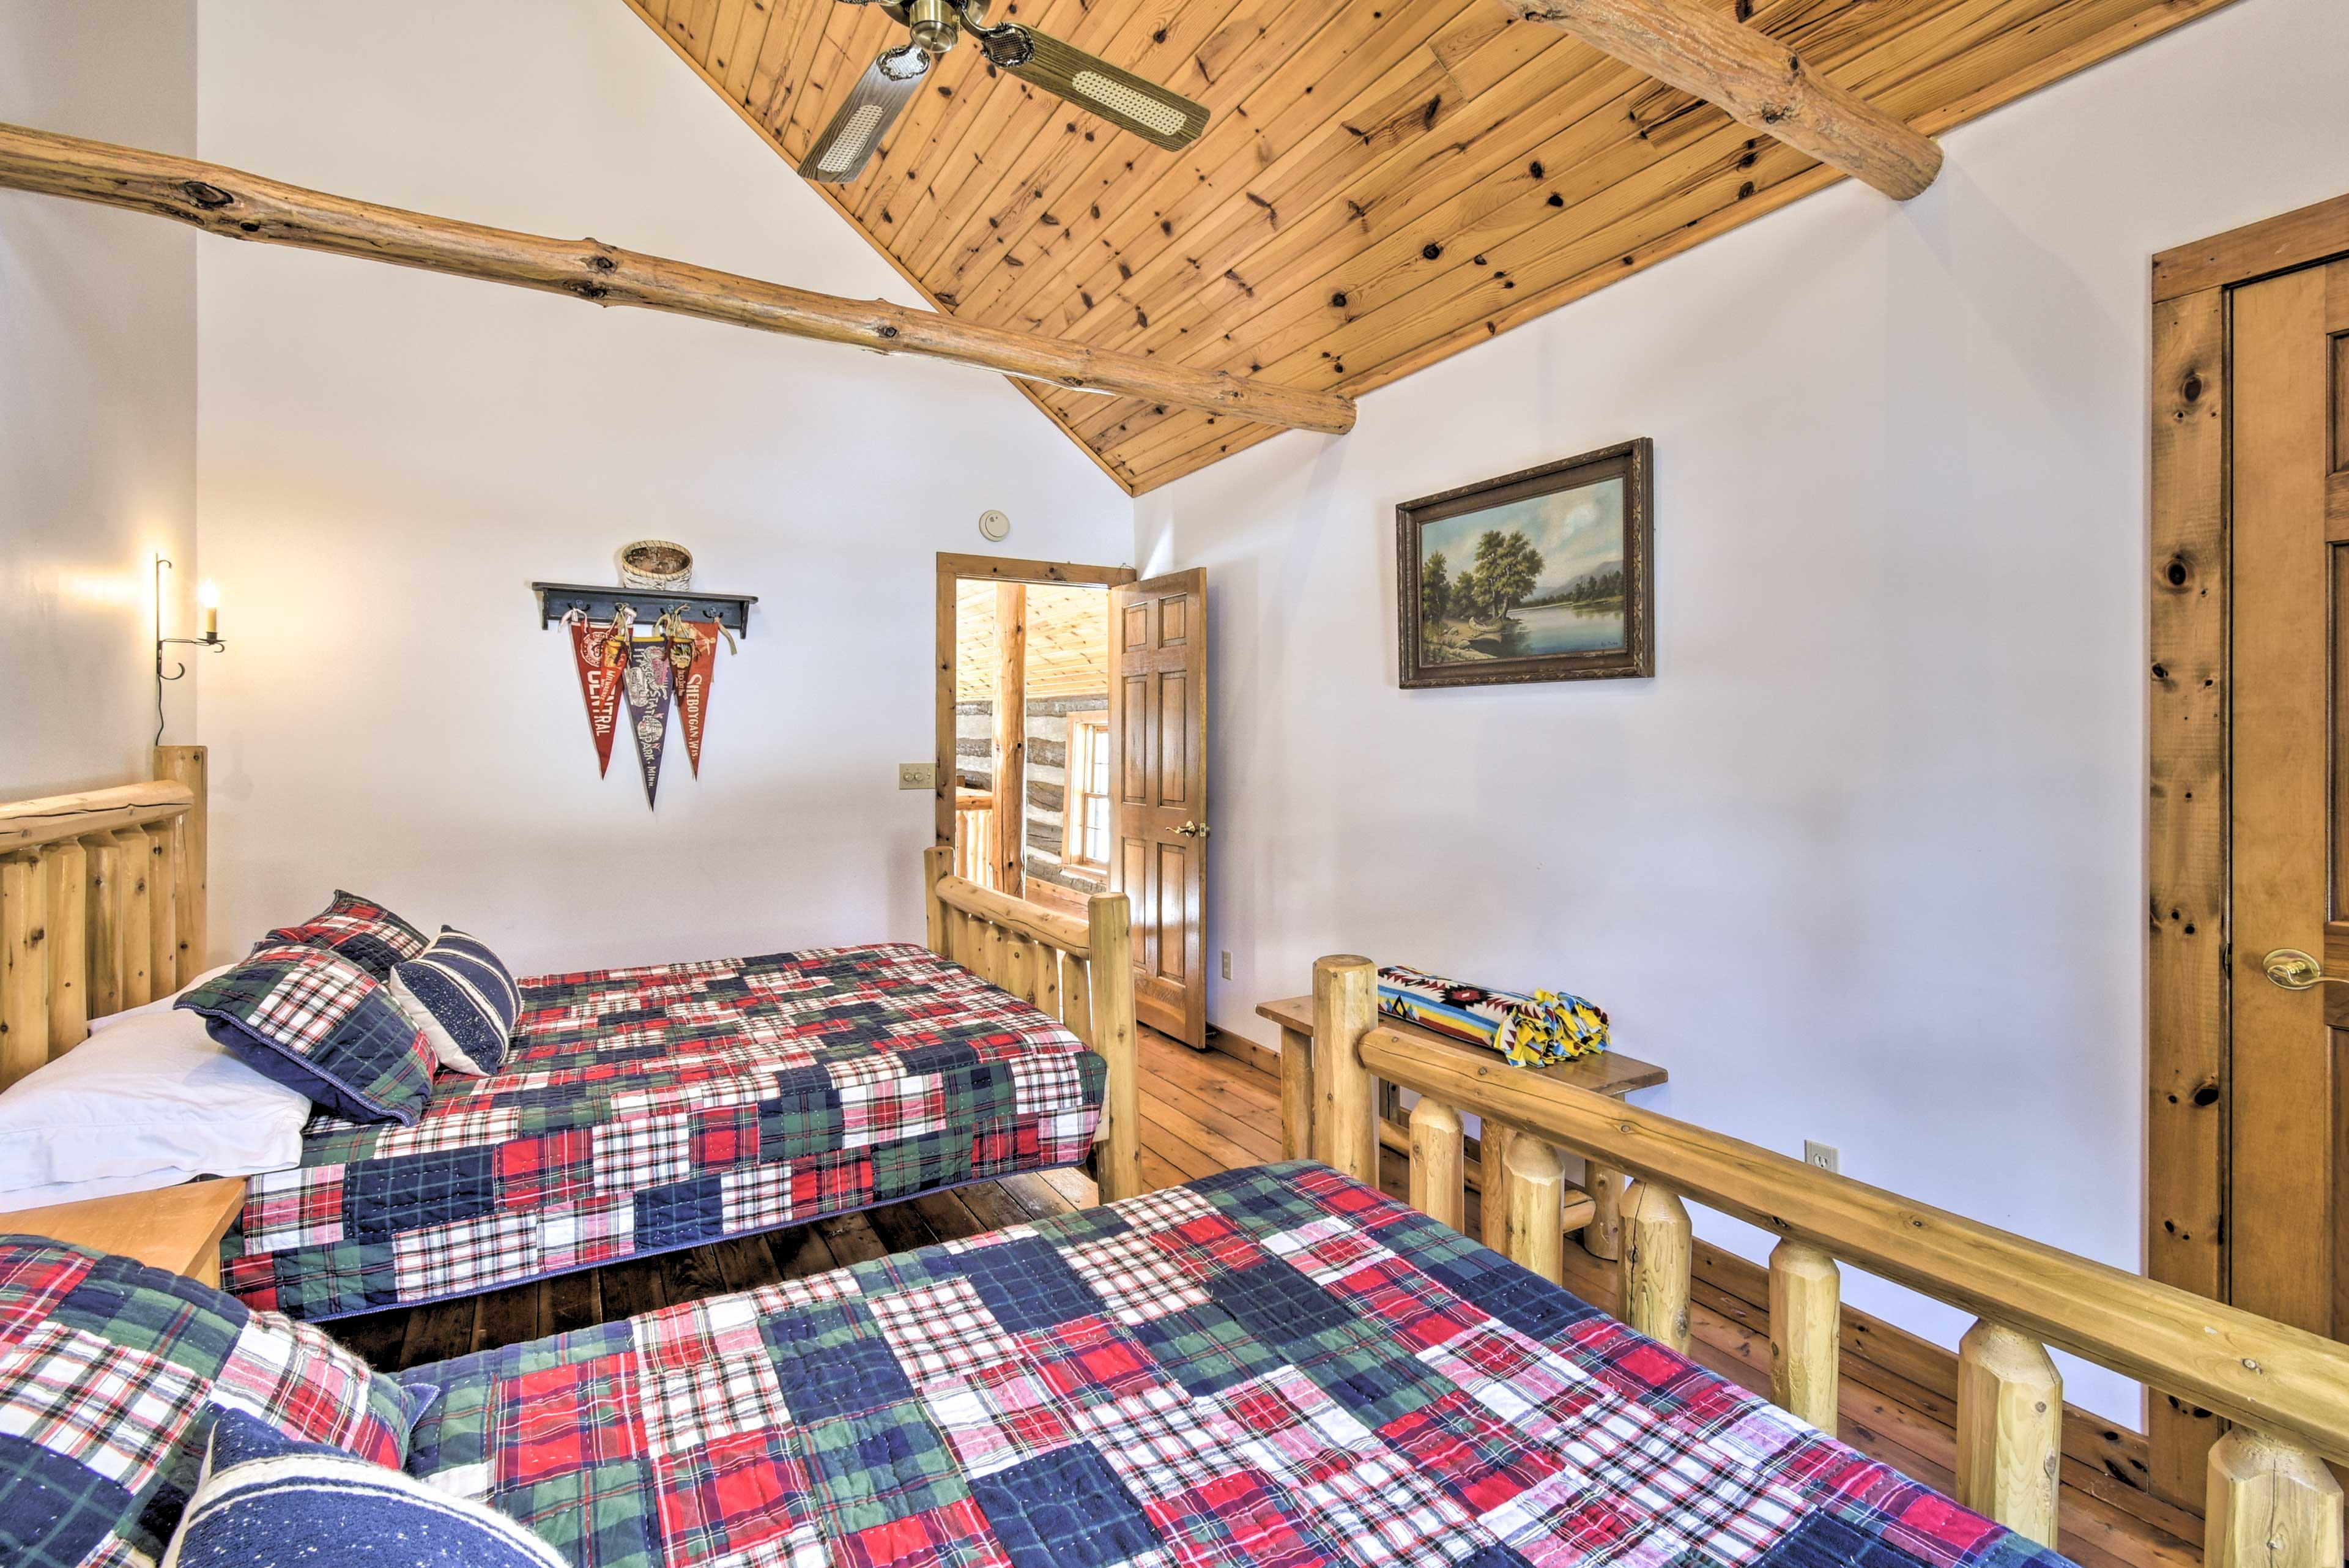 Bedroom 2: 2 queen beds, 1 twin trundle bed